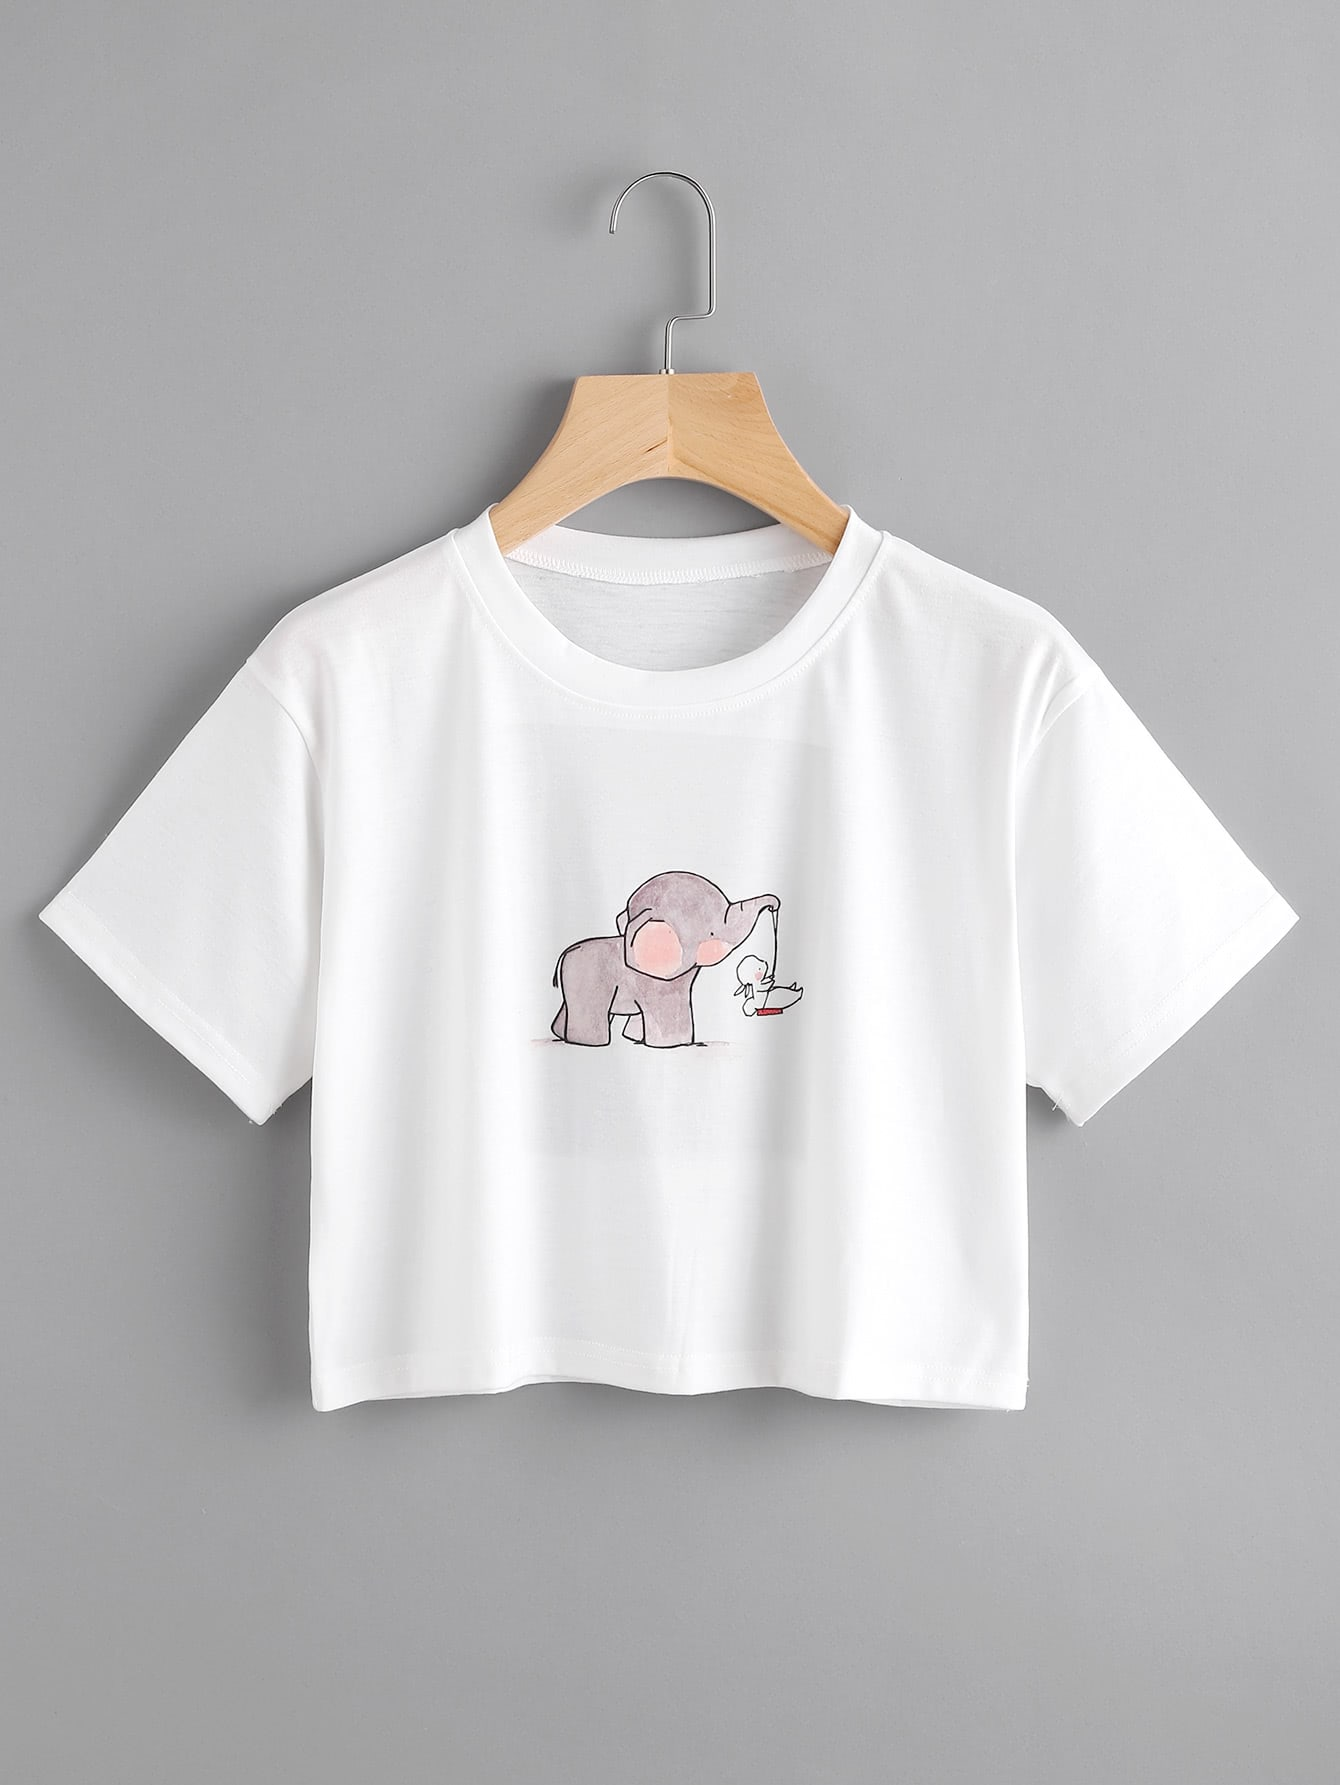 все цены на Elephant Print Tee